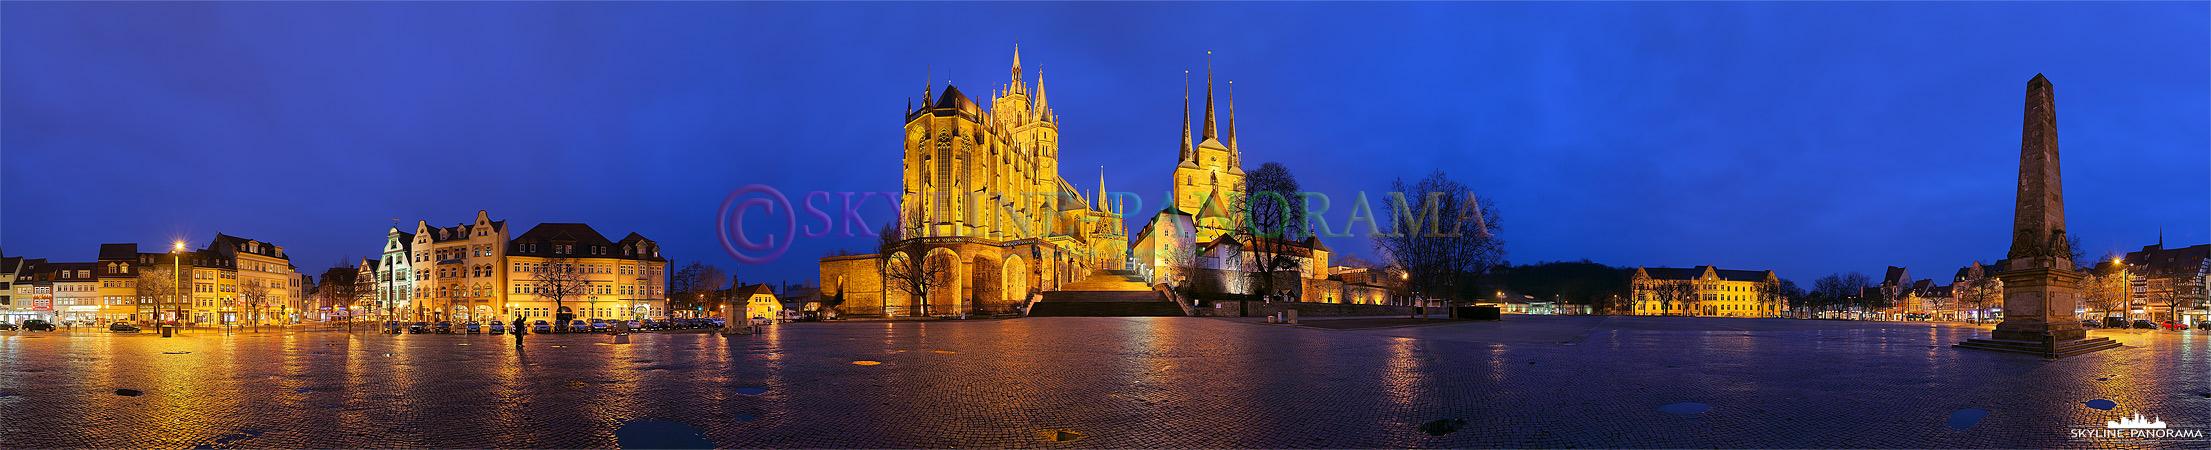 Bilder aus Erfurt - Der Domplatz der Thüringischen Landeshauptstadt Erfurt als abendliche 360 Grad Ansicht. Im Zentrum des Panoramas ist der hell erleuchtete Erfurter Dom und die Severikirche zu sehen.